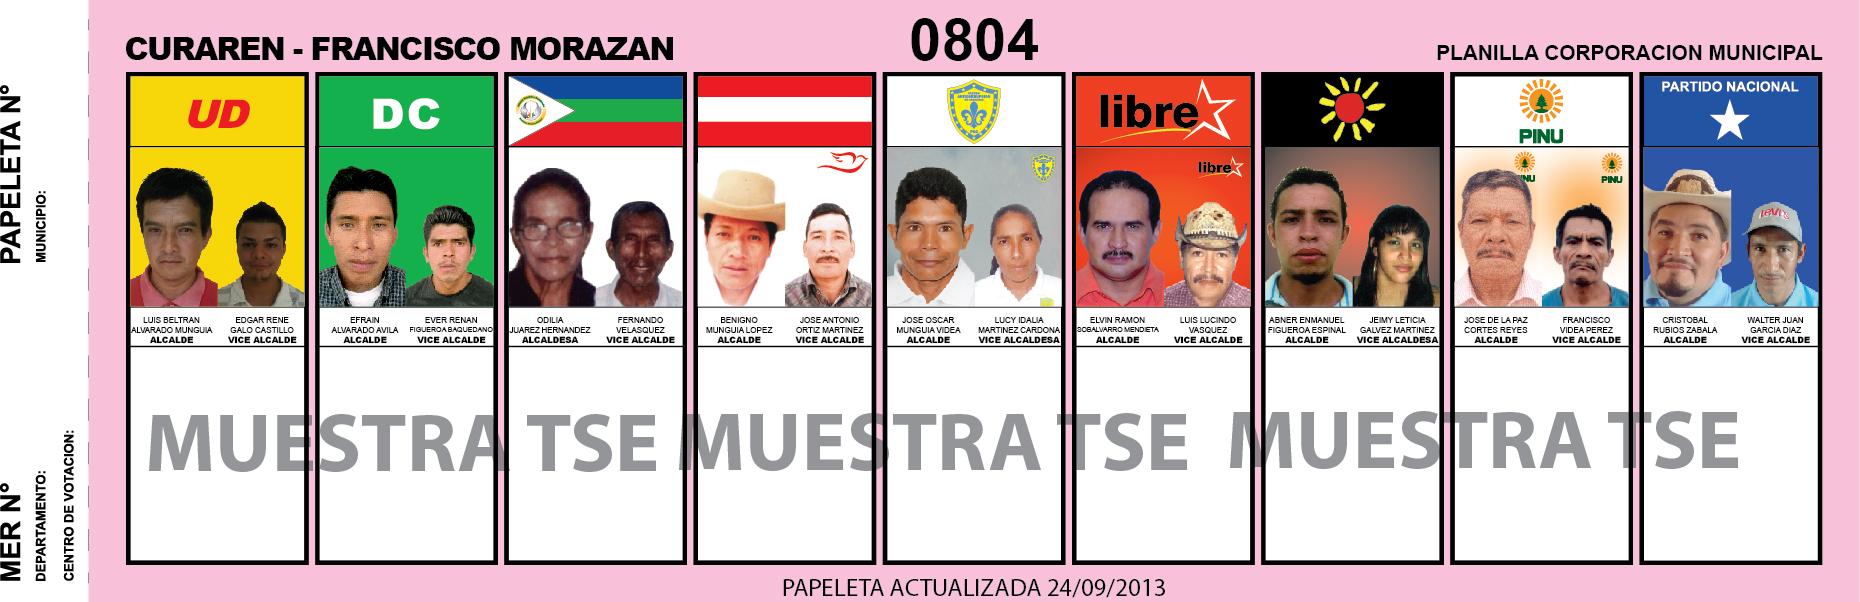 CANDIDATOS 2013 MUNICIPIO CURAREN - FRANCISCO MORAZAN - HONDURAS